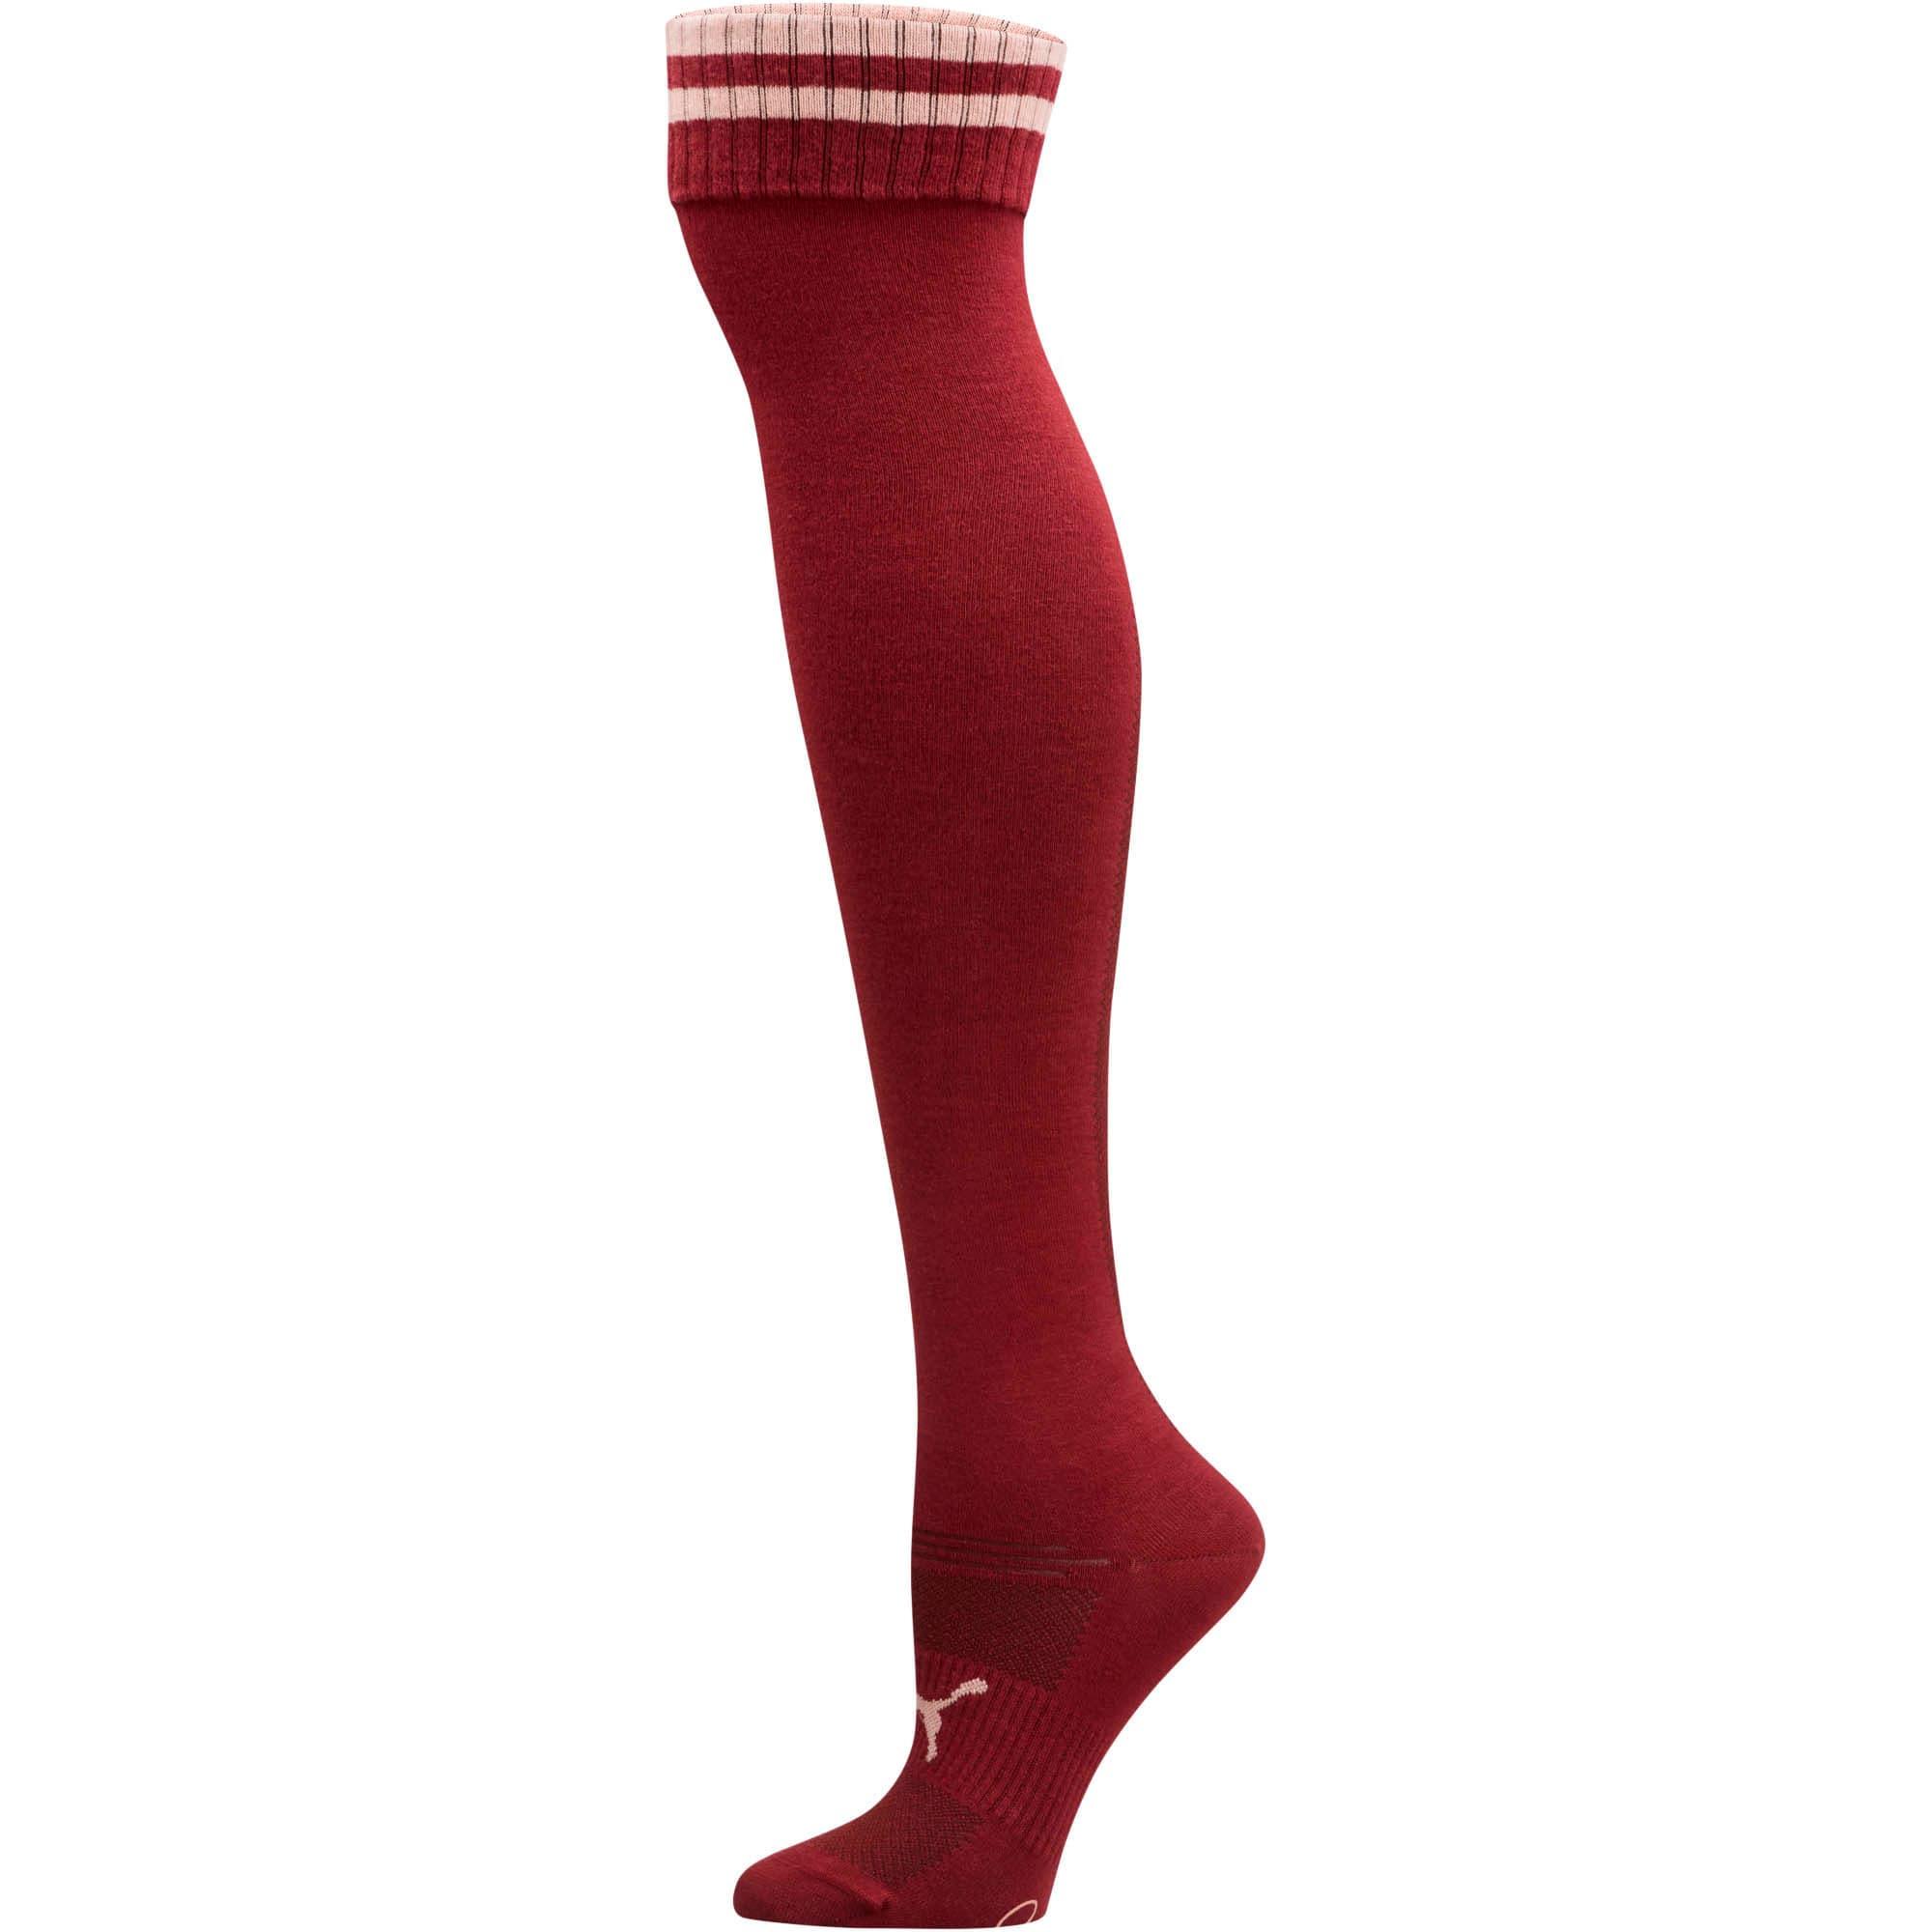 Thumbnail 1 of Women's Over-the-Knee Socks [1 Pair], BURGUNDY, medium